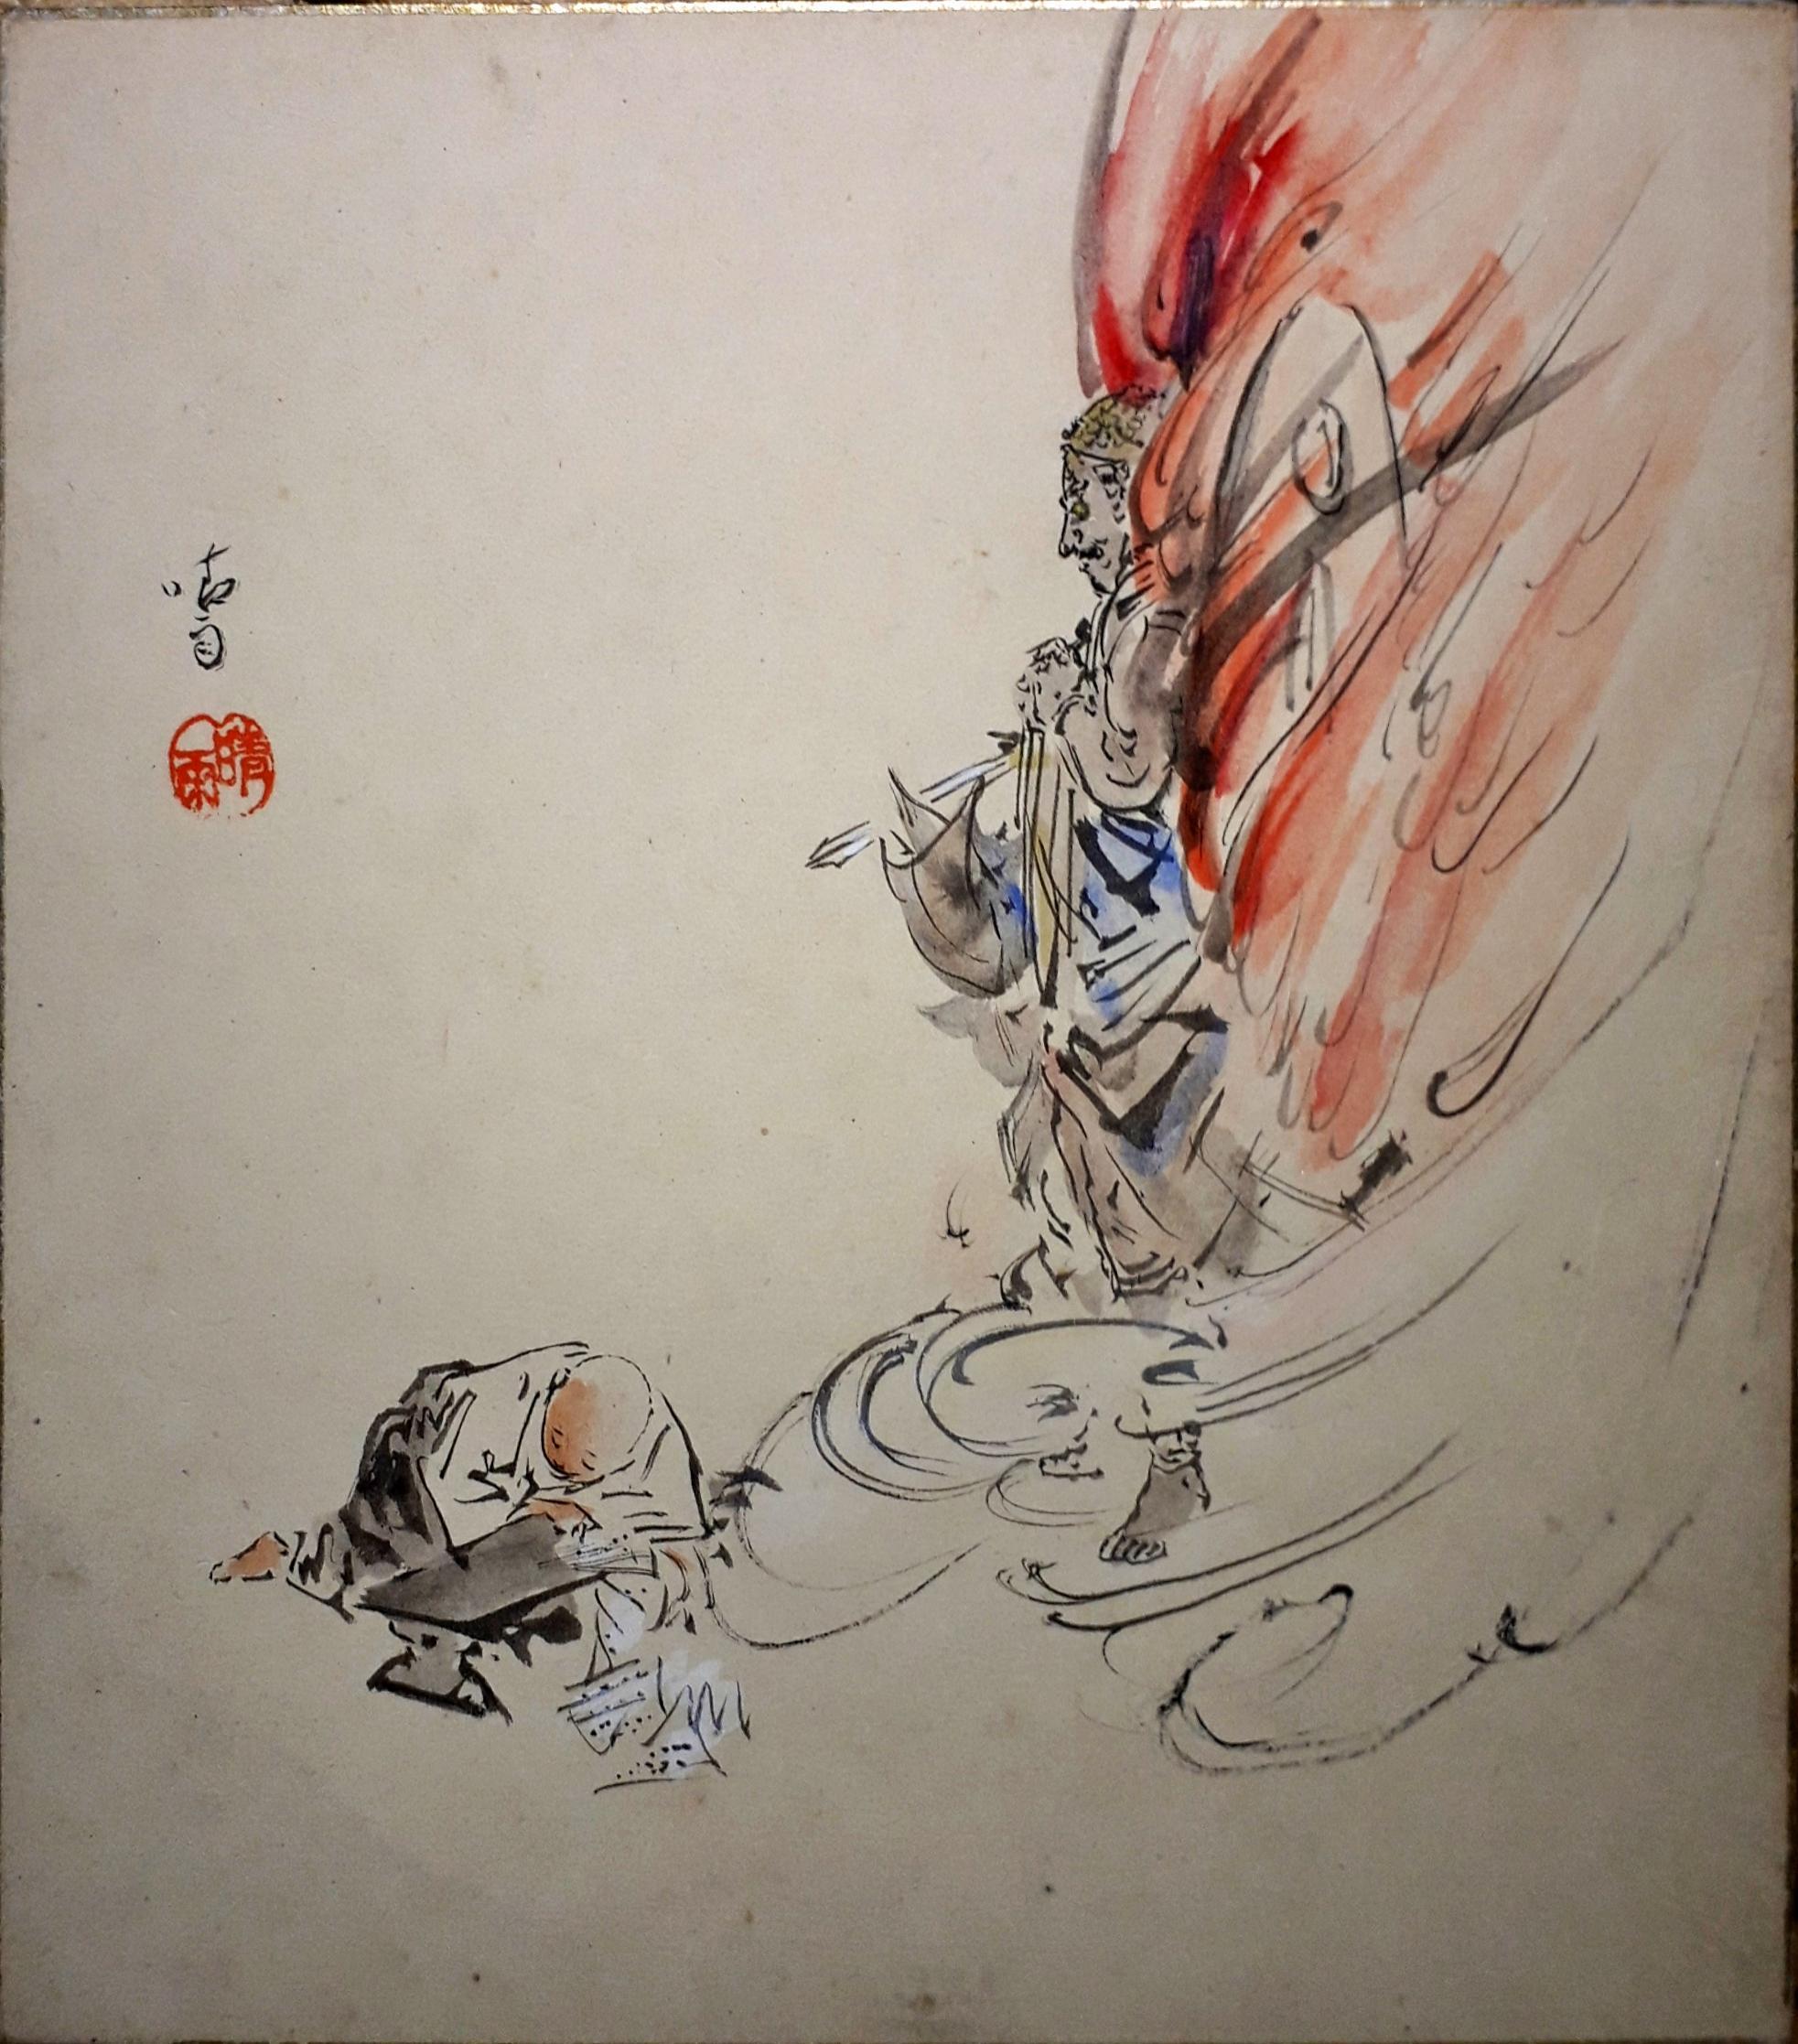 【成田山と浄土宗】剣を呑む祐天上人のモチーフあれこれ_b0116271_21575505.jpg